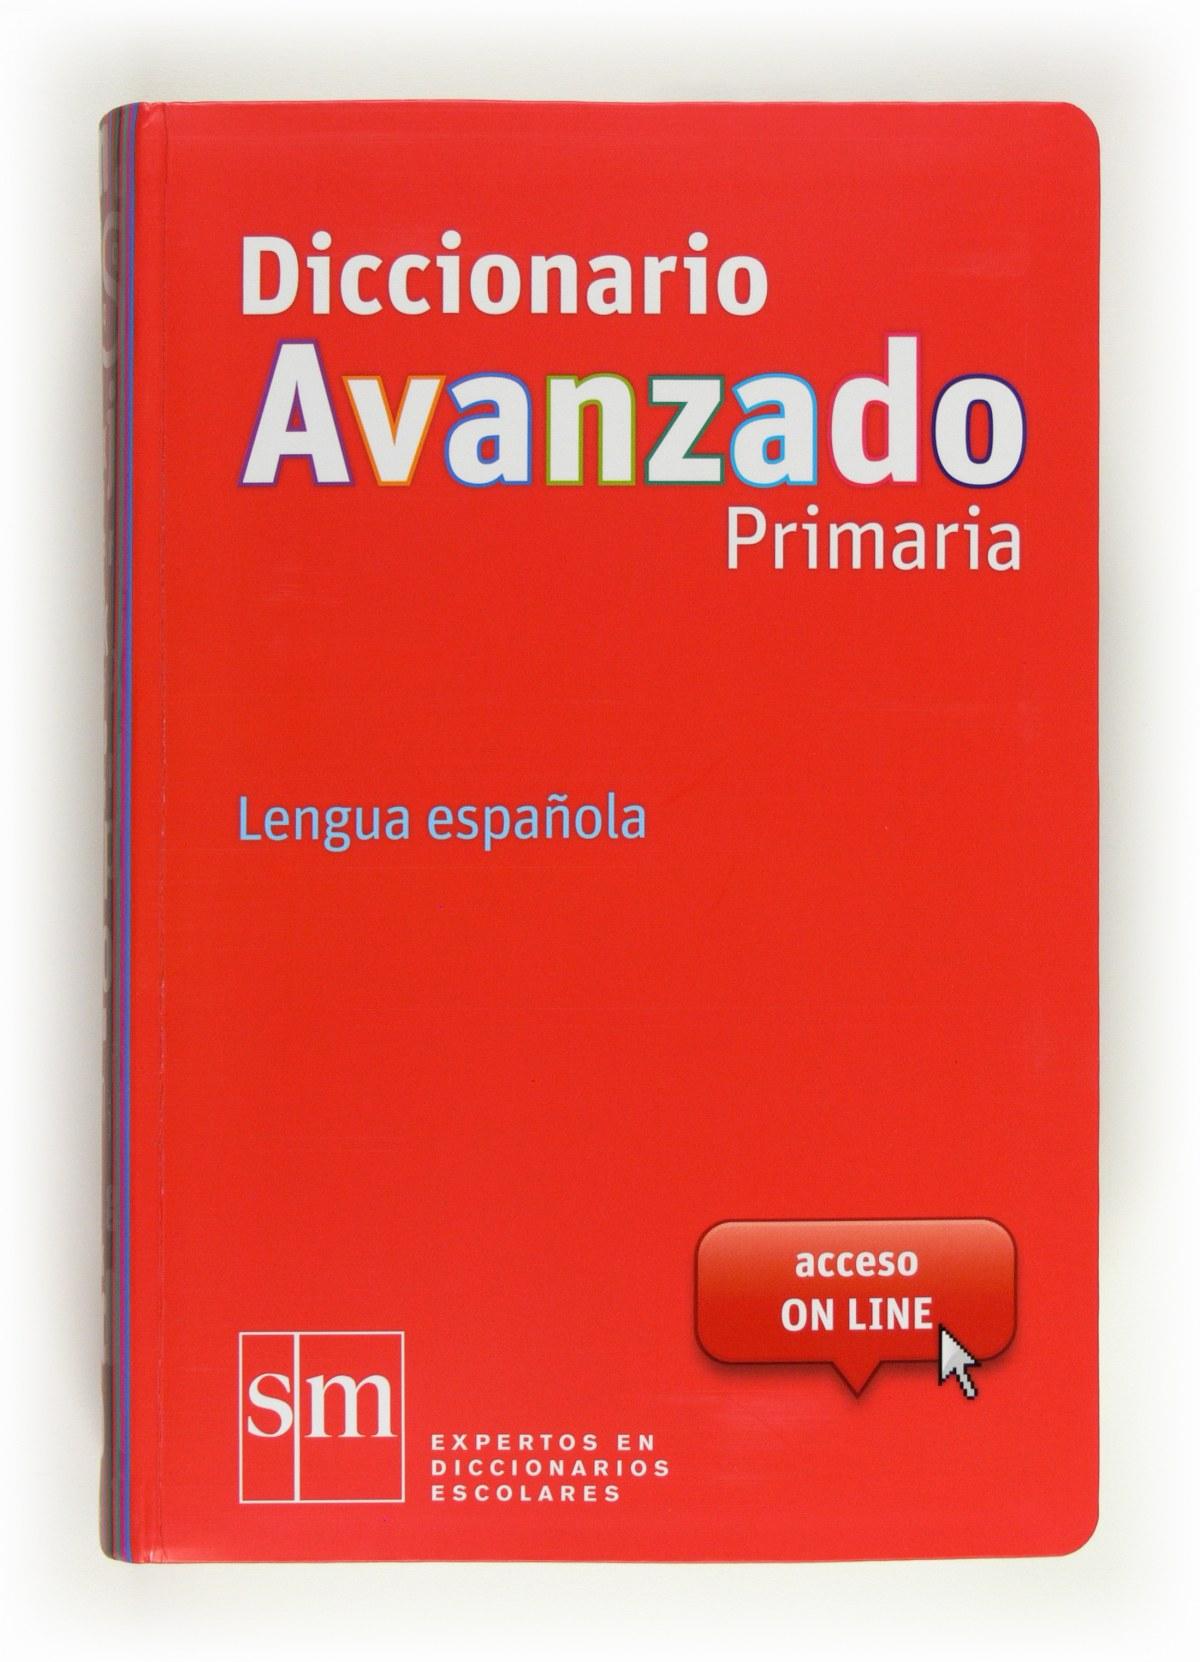 Diccionario Avanzado Primaria. Lengua española 9788467552423